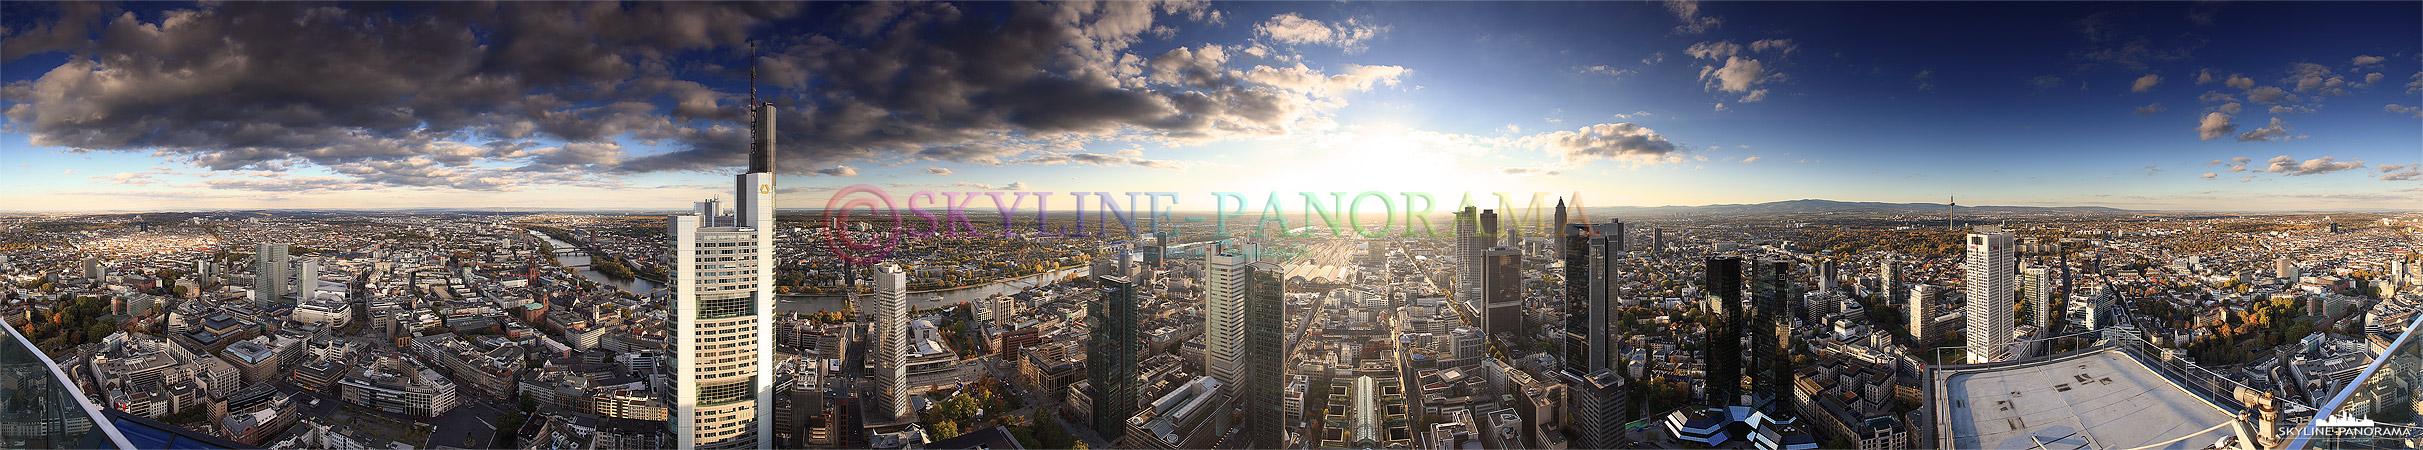 Ein 360 Grad Panorama mit dem Ausblick vom Maintower auf die Frankfurter City, zu sehen ist die komplette Stadtansicht im Herbst 2011 bei Tag. Eine solche Fernsicht, die schönen Wolken und die wunderbare Färbung der herbstlichen Vegetation kann man nur selten auf Deutschlands höchster Aussichtsterrasse erleben.